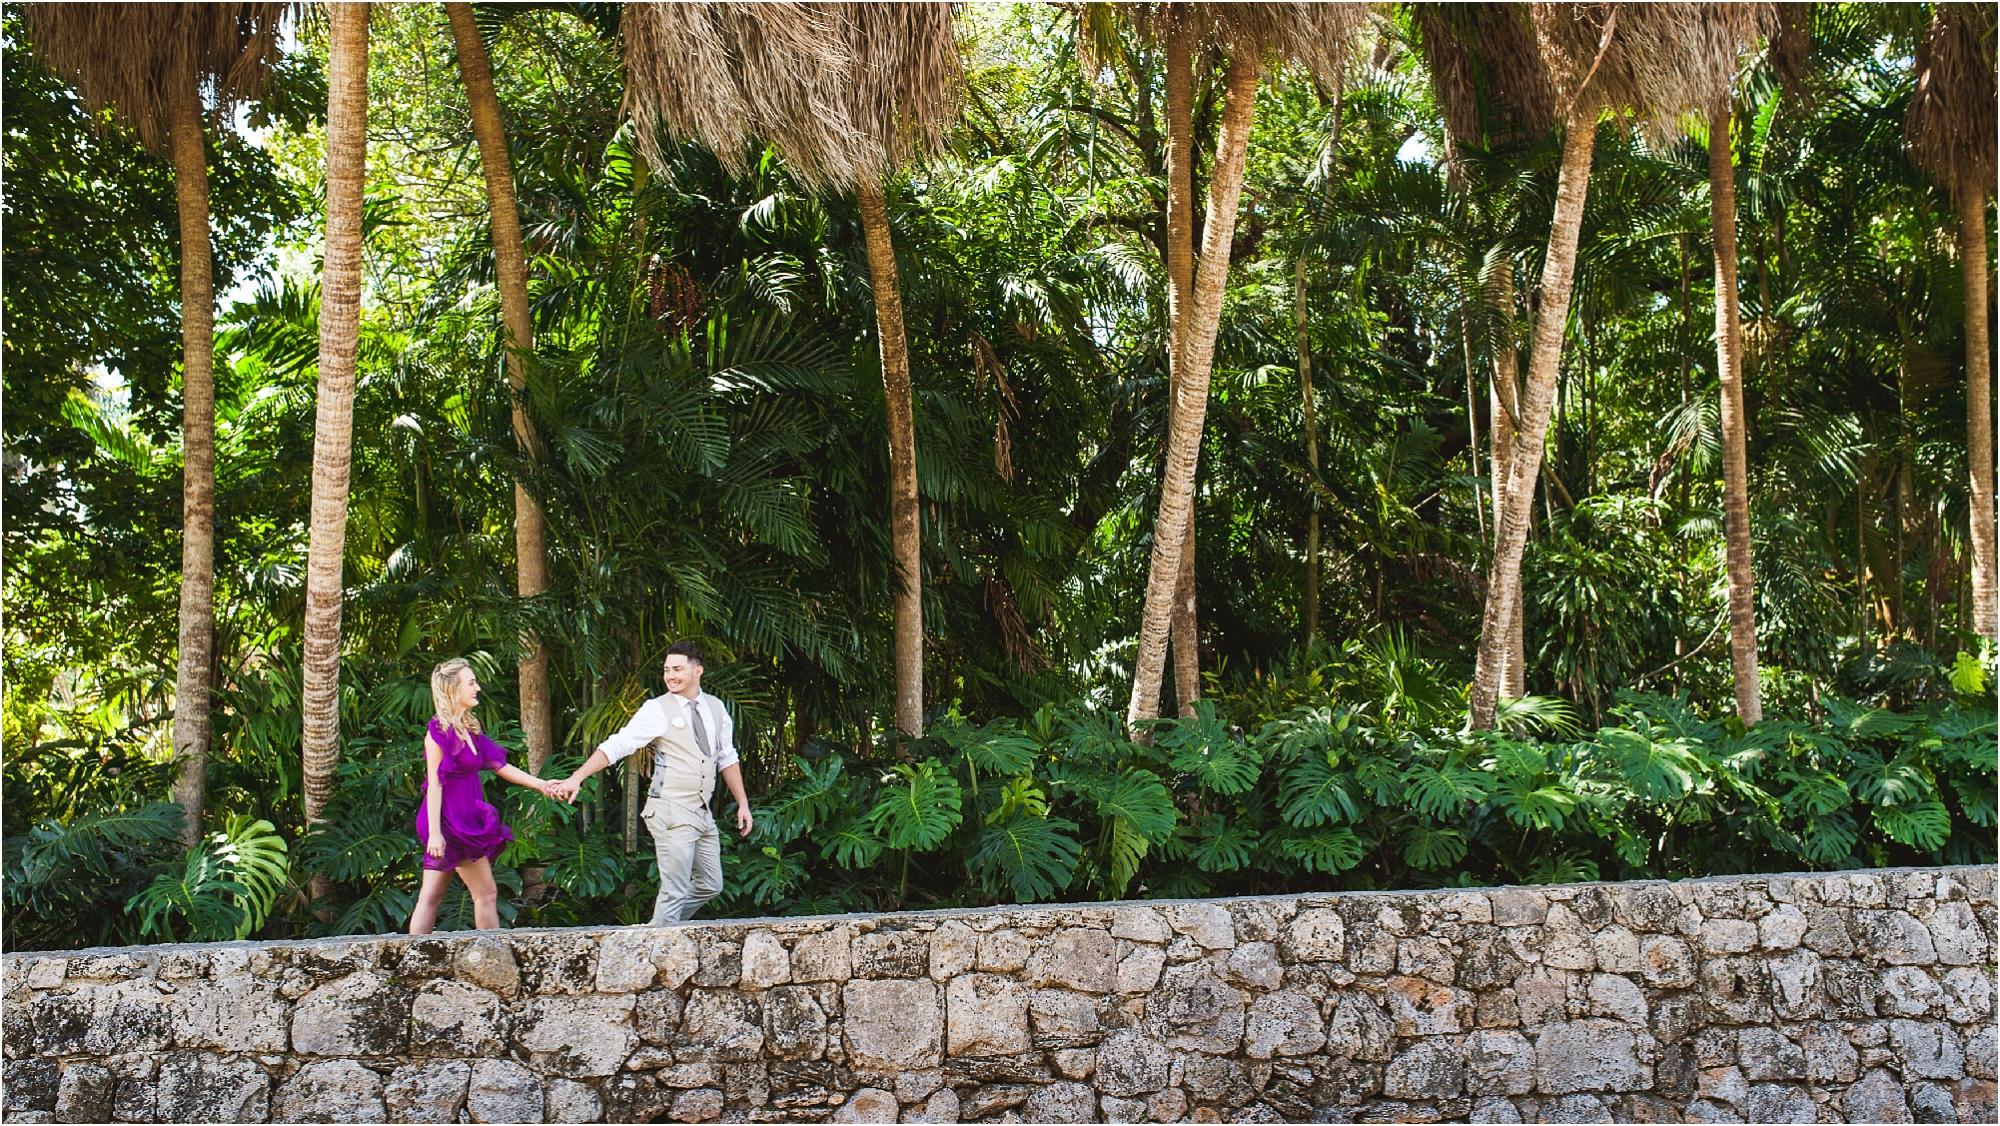 fairchild-tropical-botanic-garden-couple walking